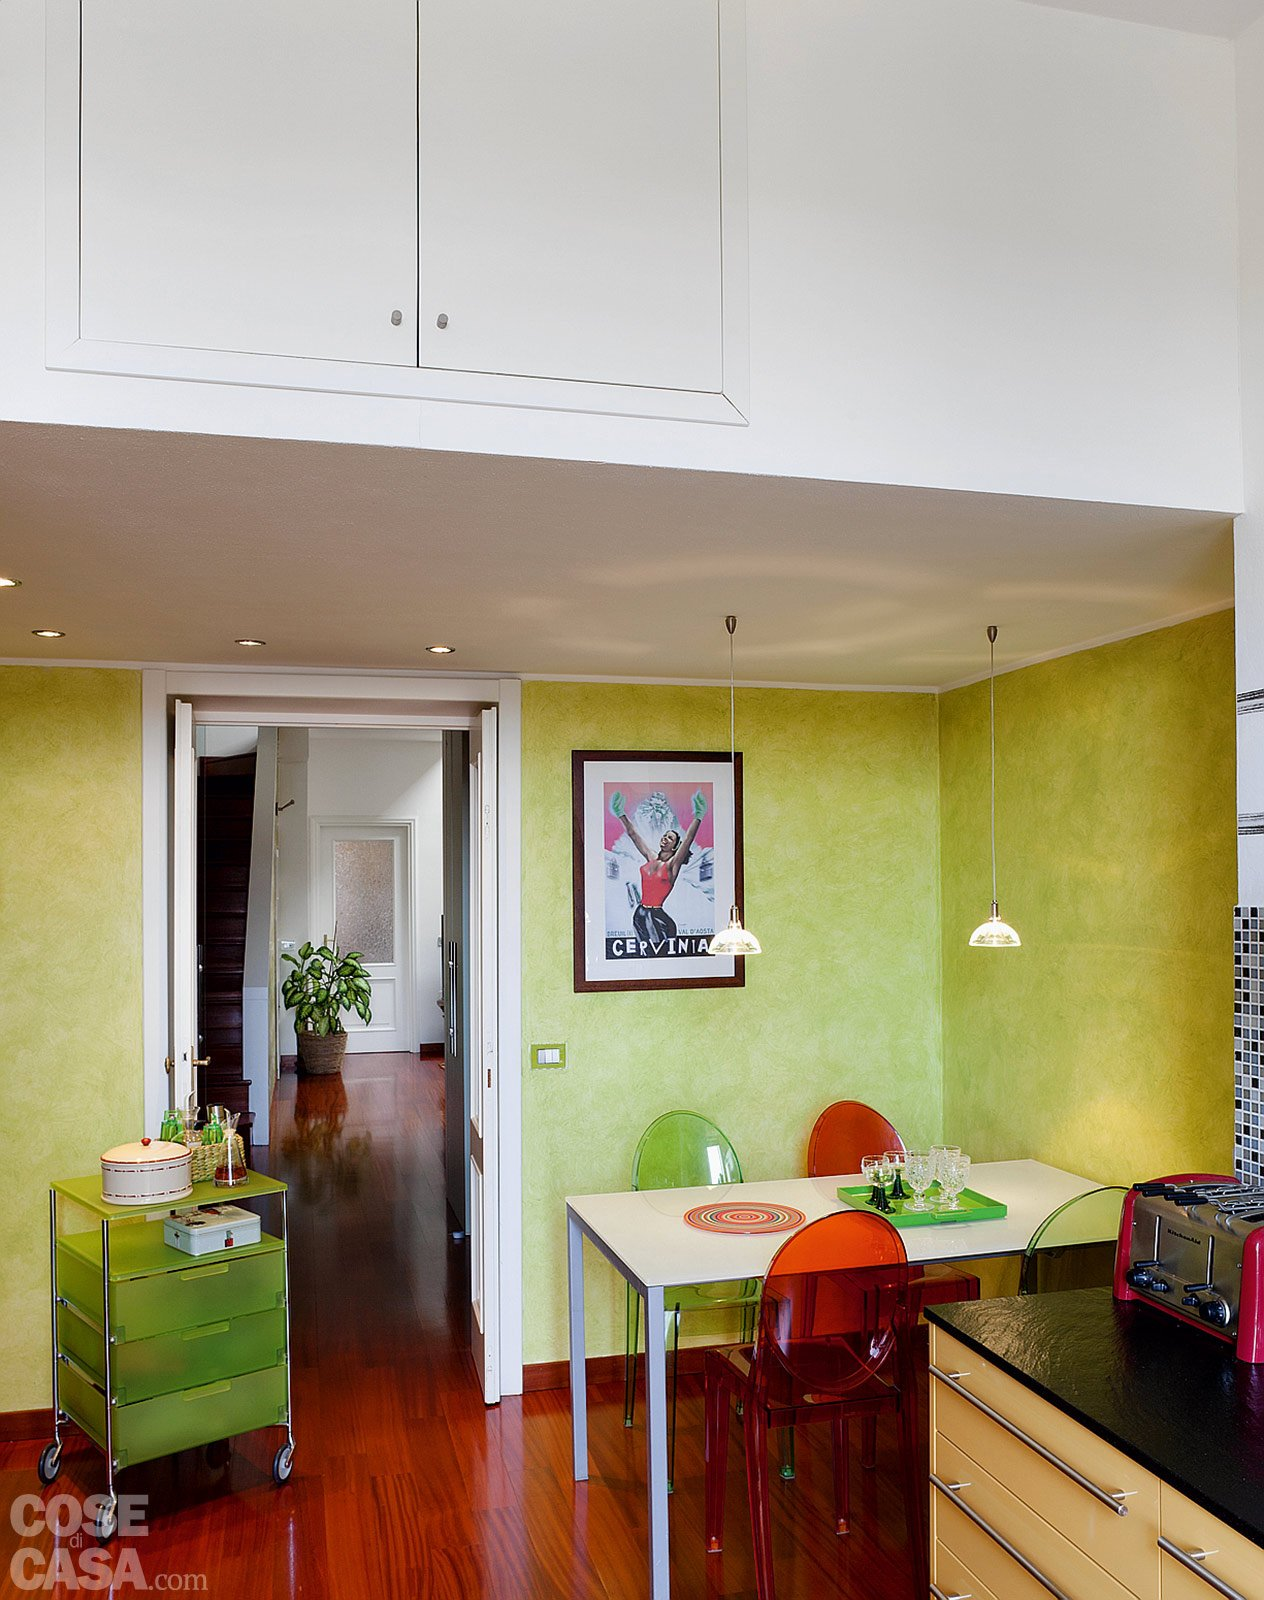 Casa Cabrini Fiorentini Passaggio Ripostiglio #792810 1264 1600 Parete Attrezzata Sala Da Pranzo